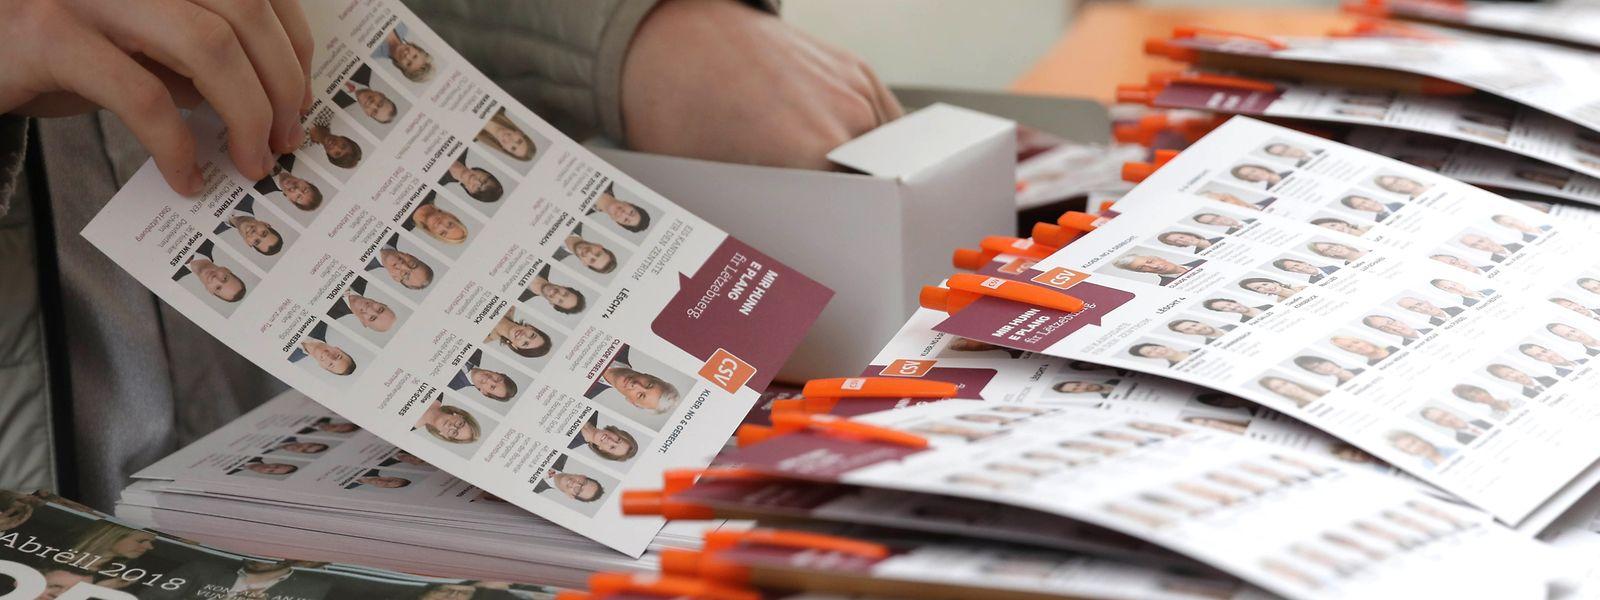 Incités par l'introduction de quotas, les partis ont fait l'effort de présenter plus de candidates: elles doivent maintenant se faire une place face aux hommes